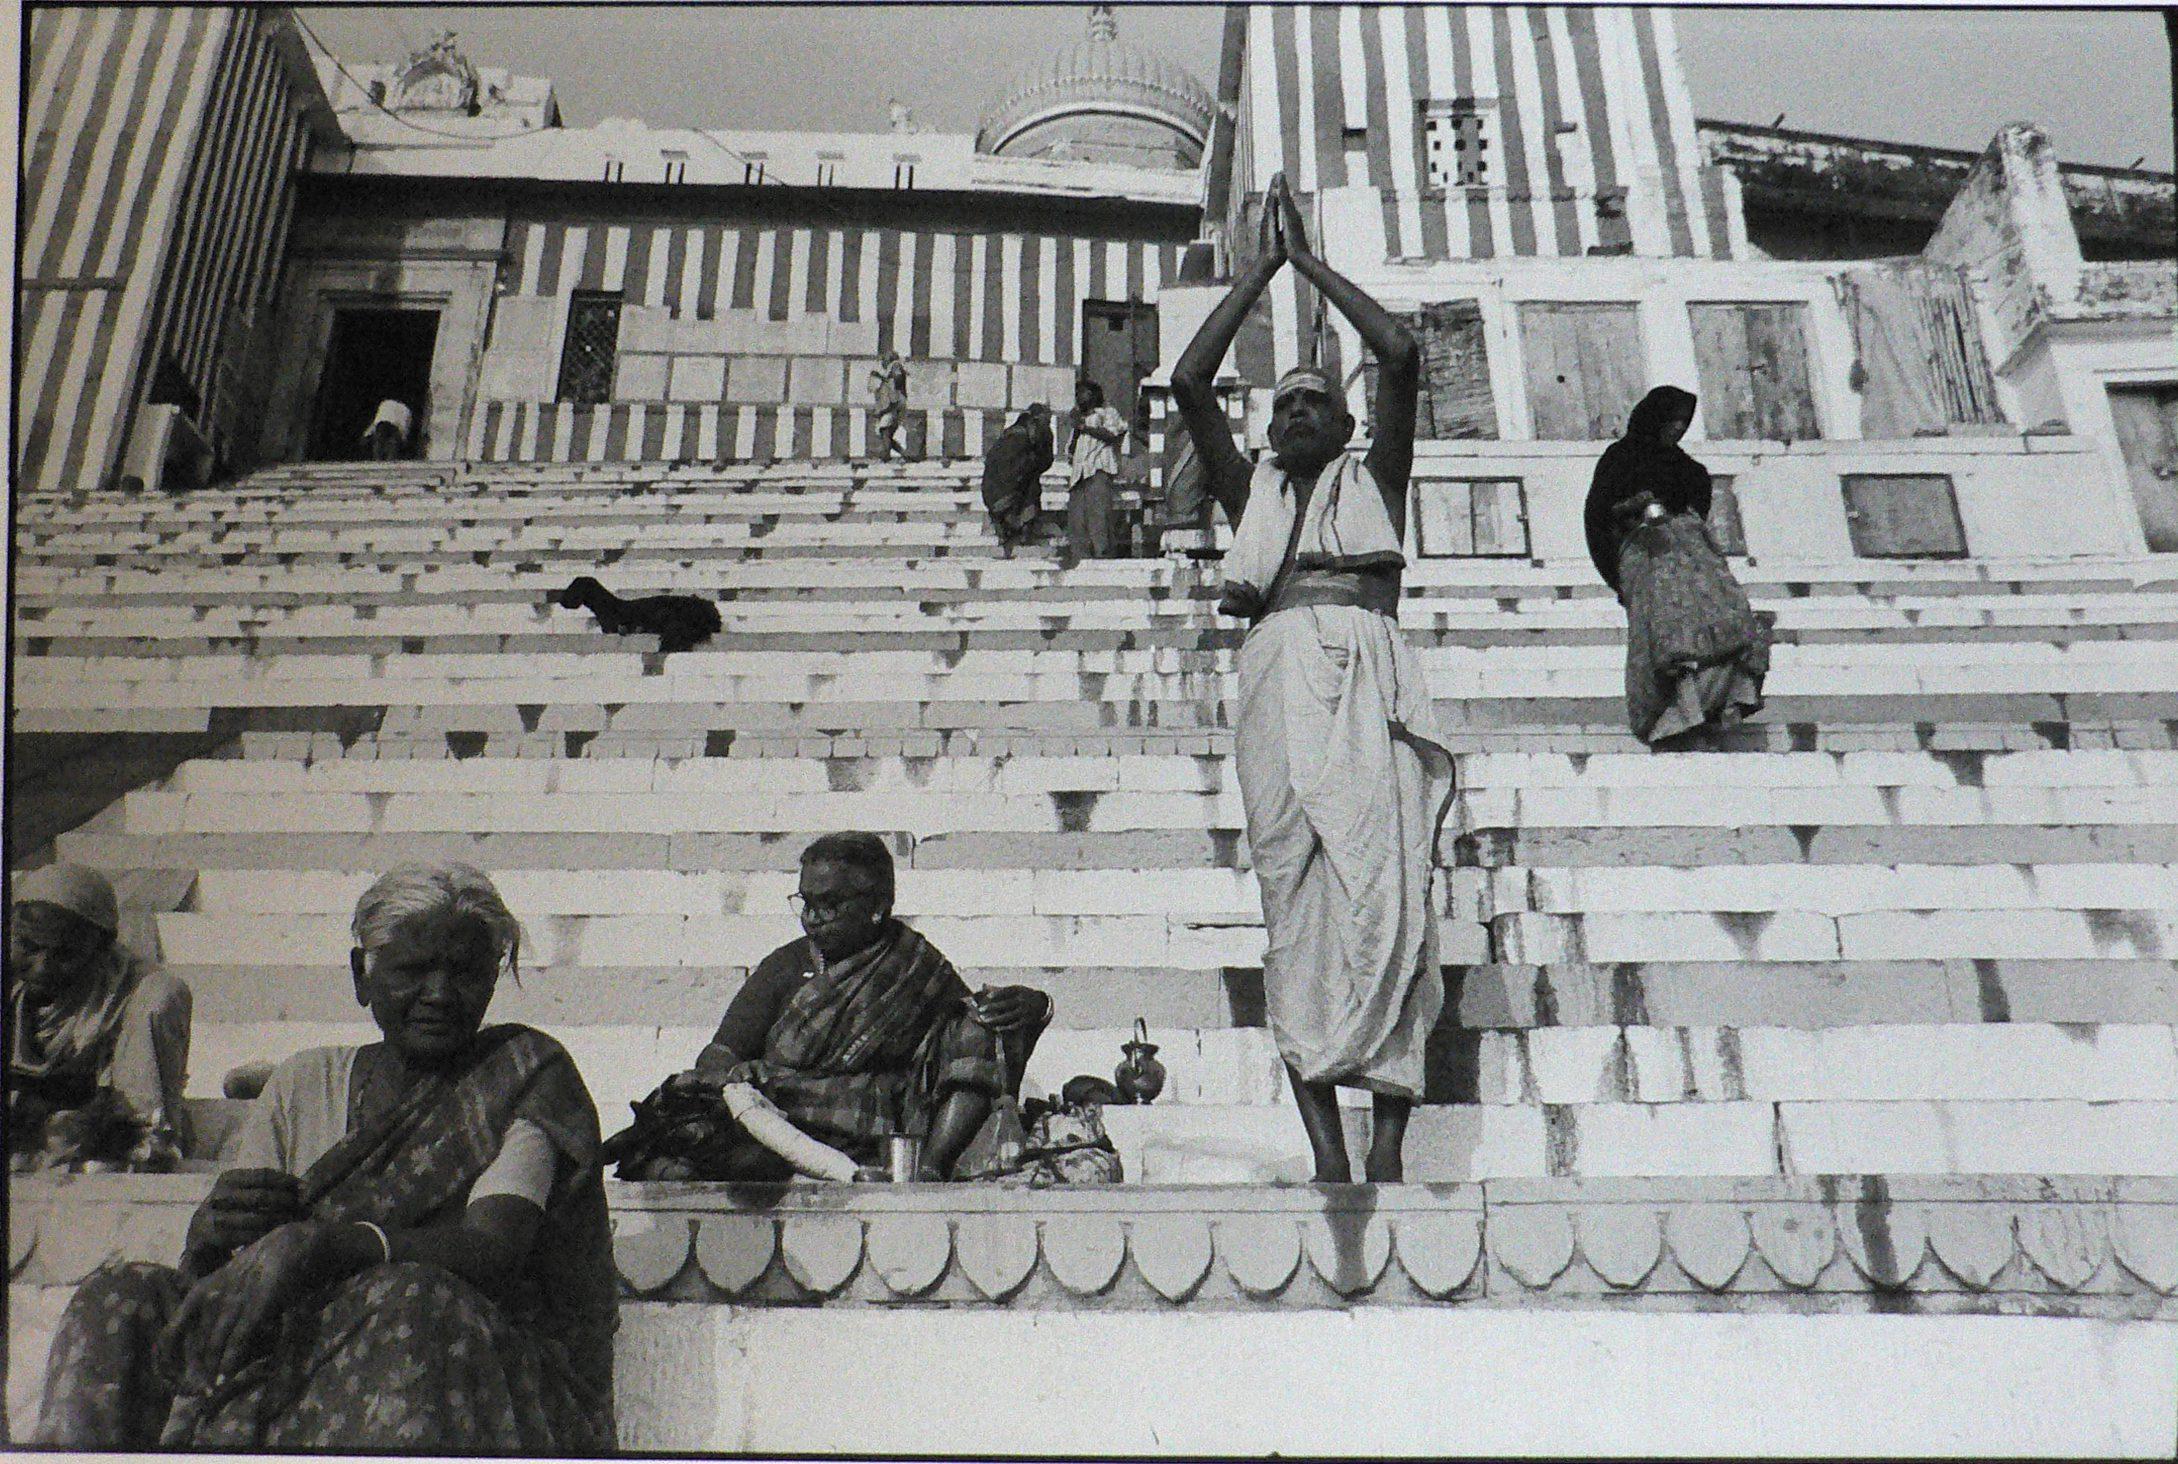 Untitled, India